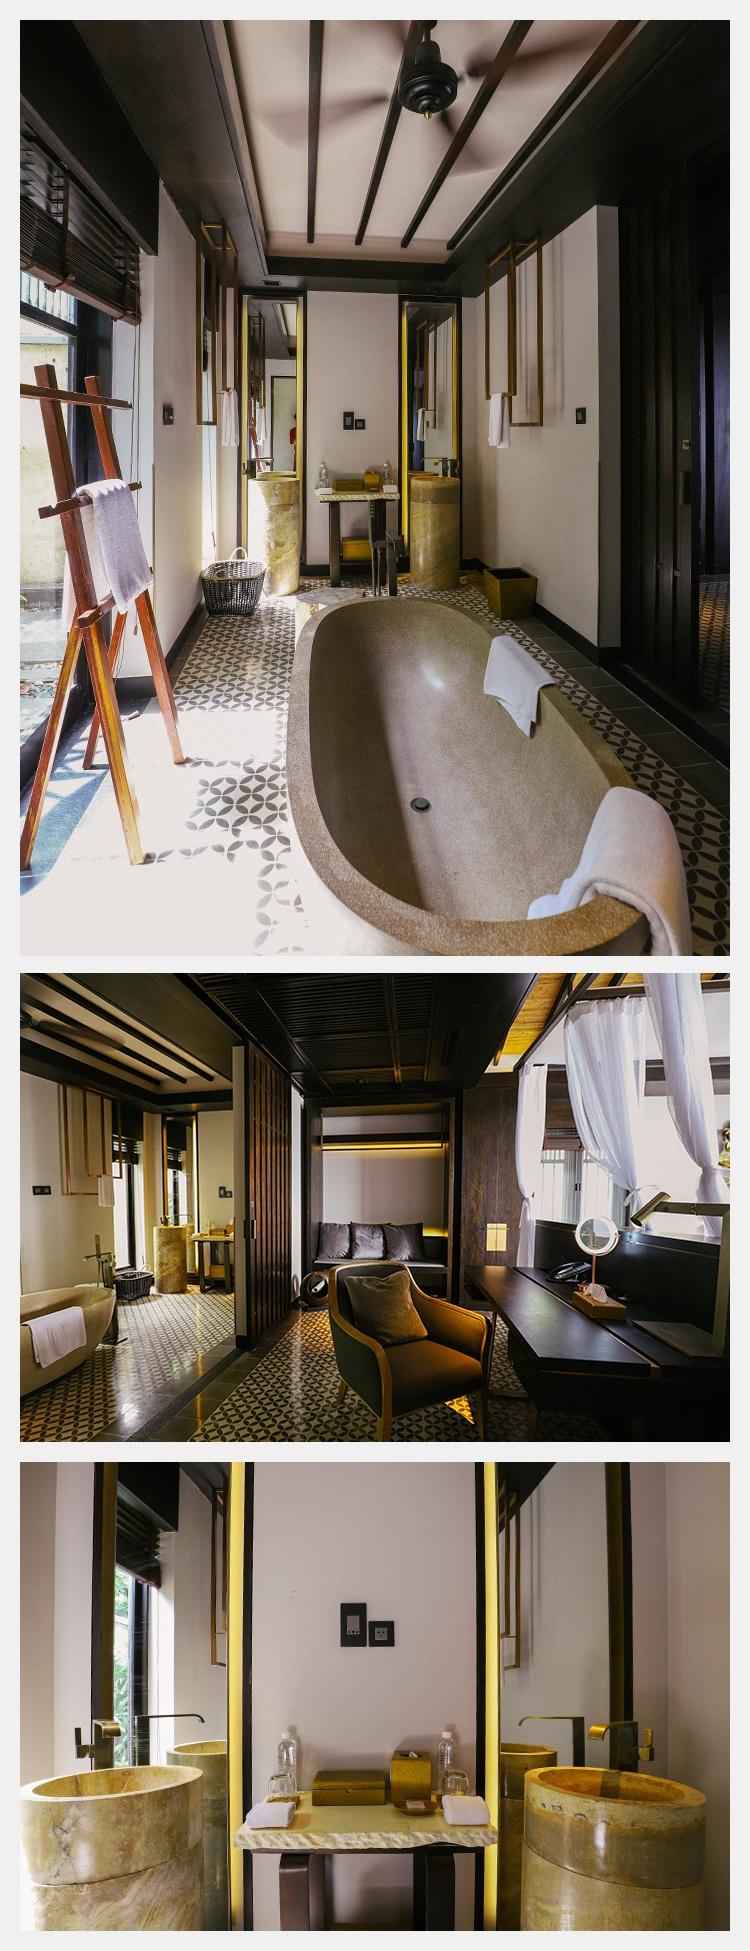 - Gallery_4_mobile - Đánh giá Nam Nghi Resort Phú Quốc